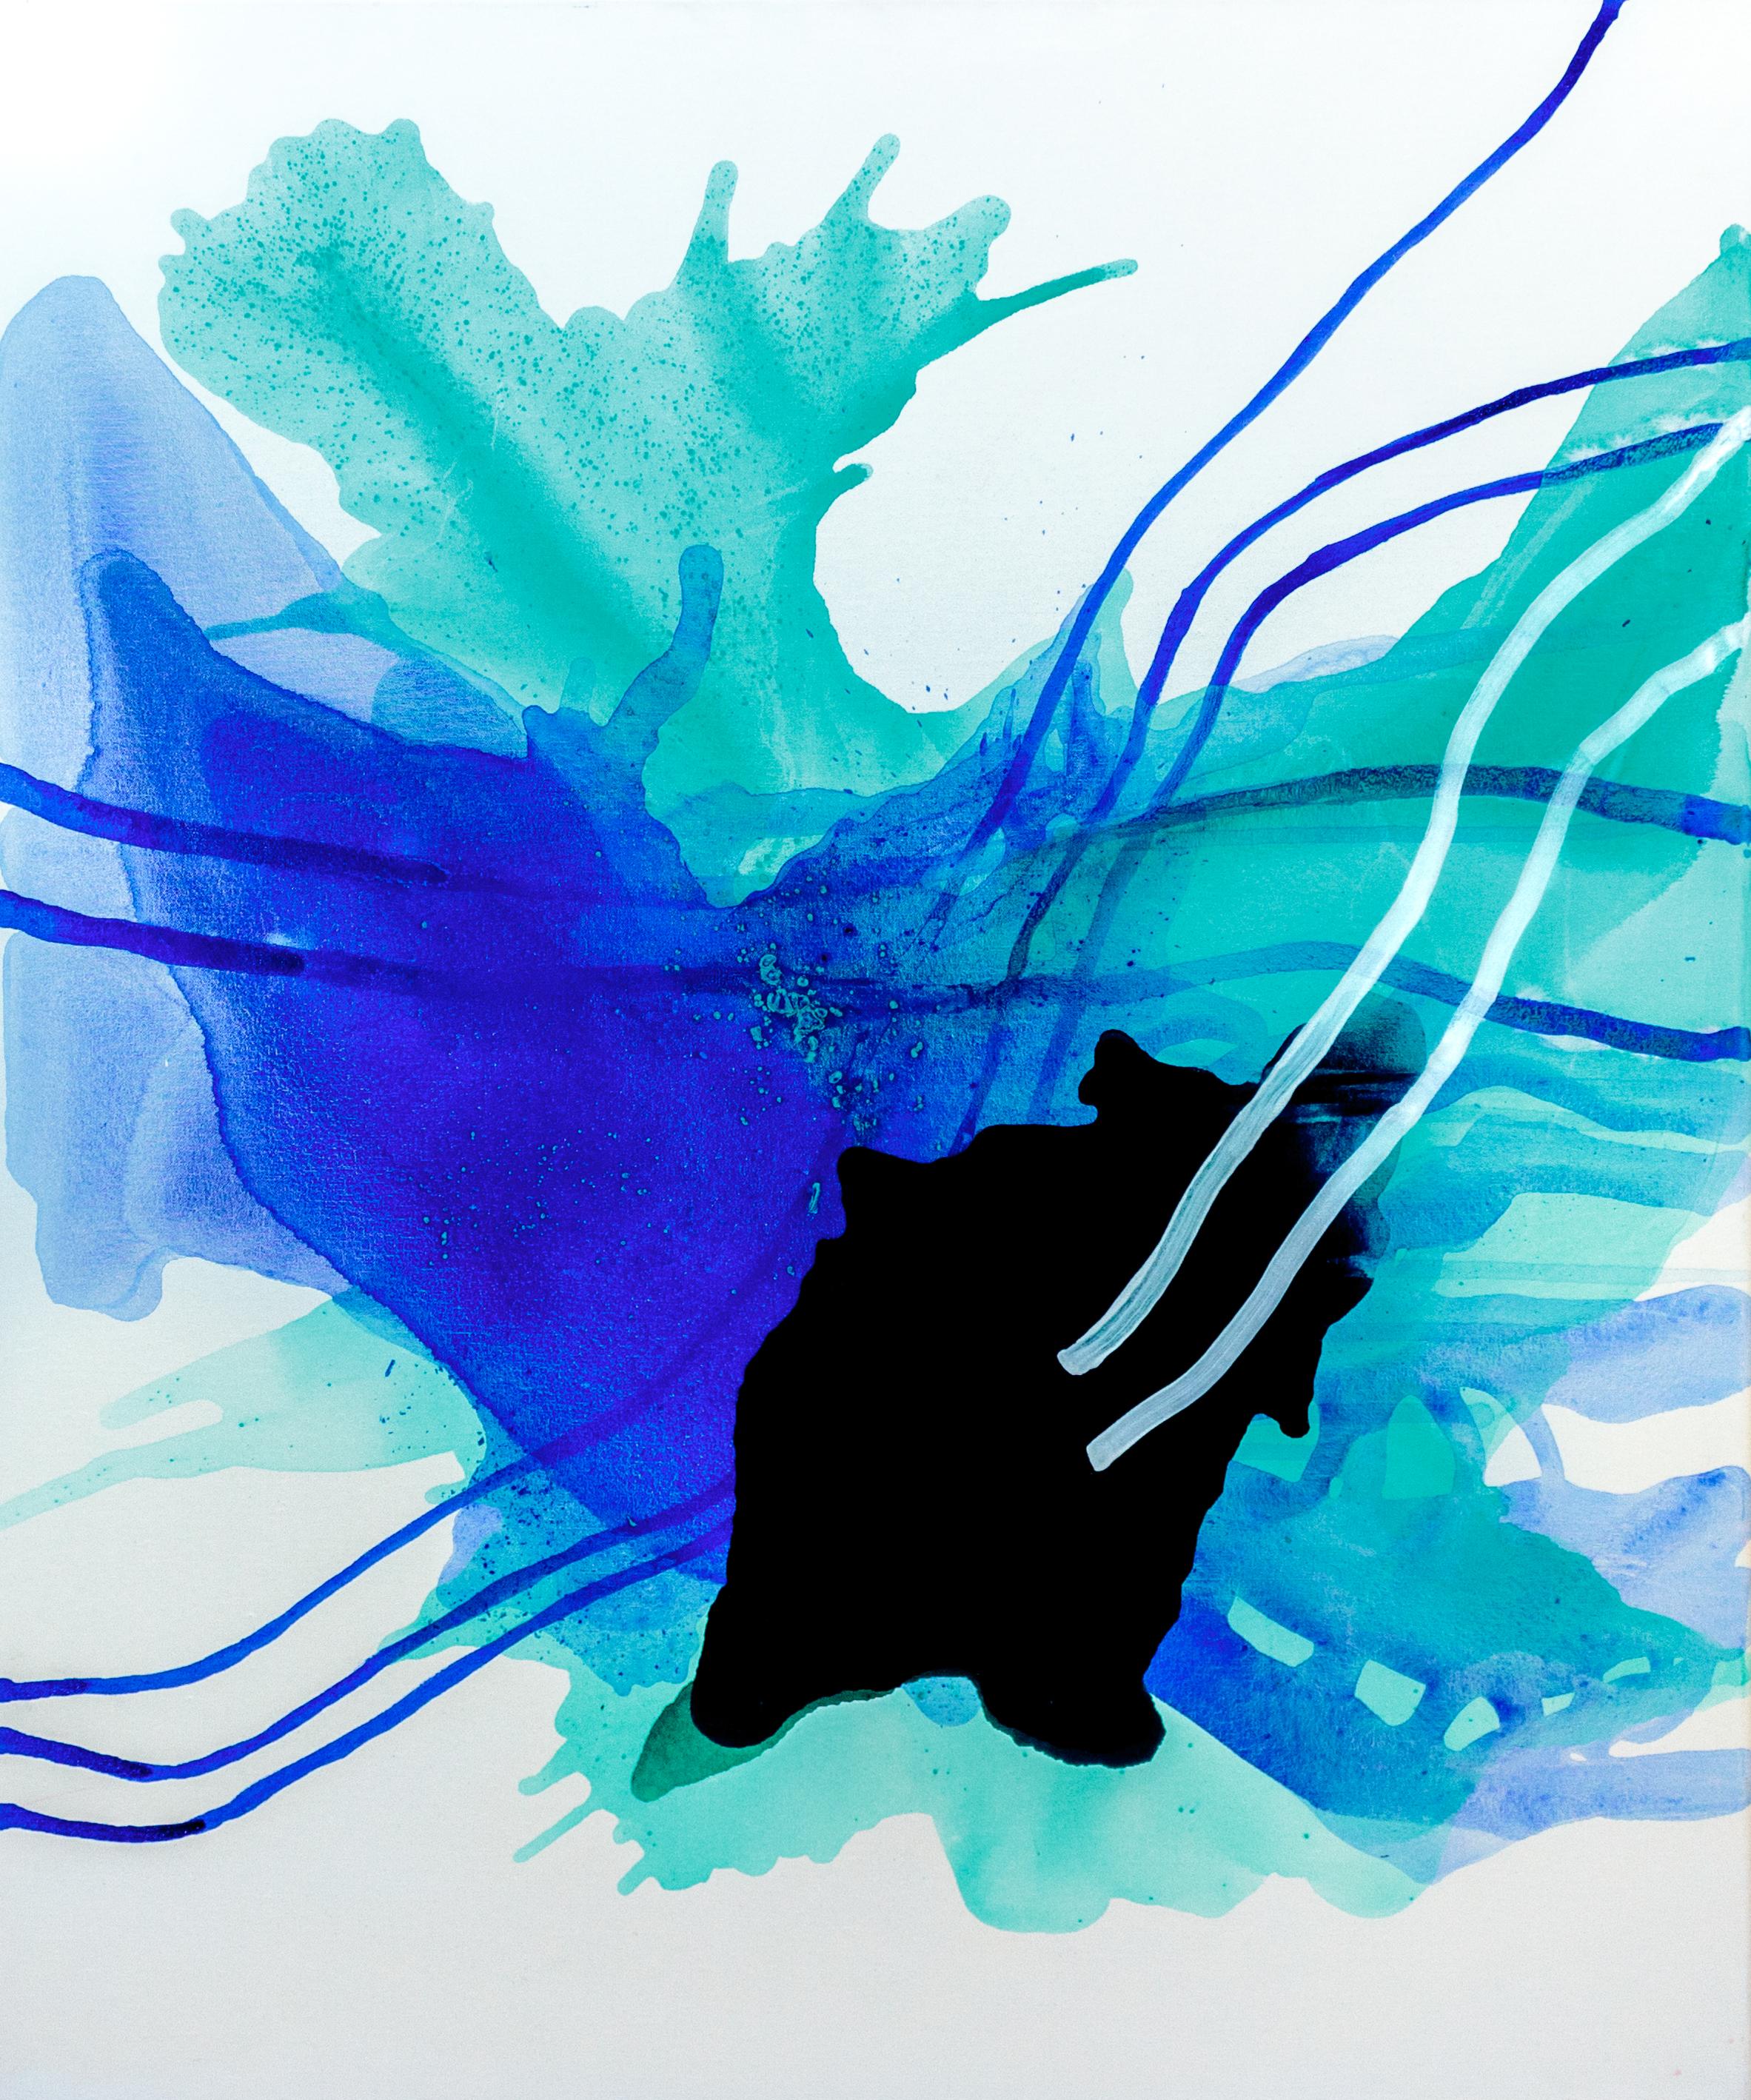 Aqua |, Akryyli kankaalle, 120 cm x 100 cm  Myynnissä / For sale